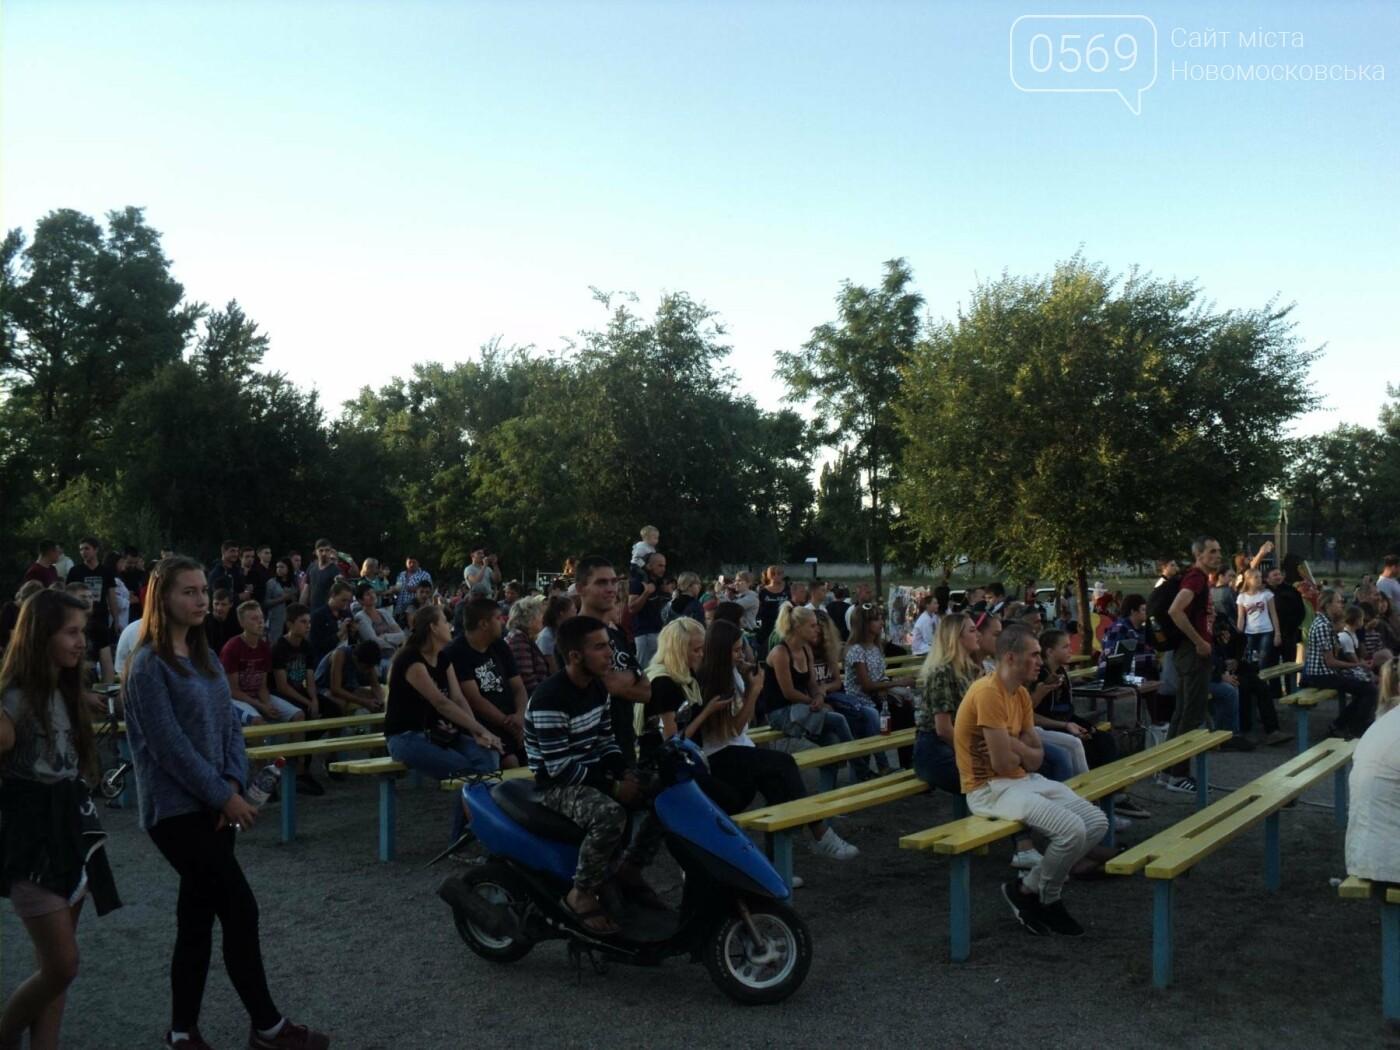 В Новомосковську відзначили День молоді, фото-7